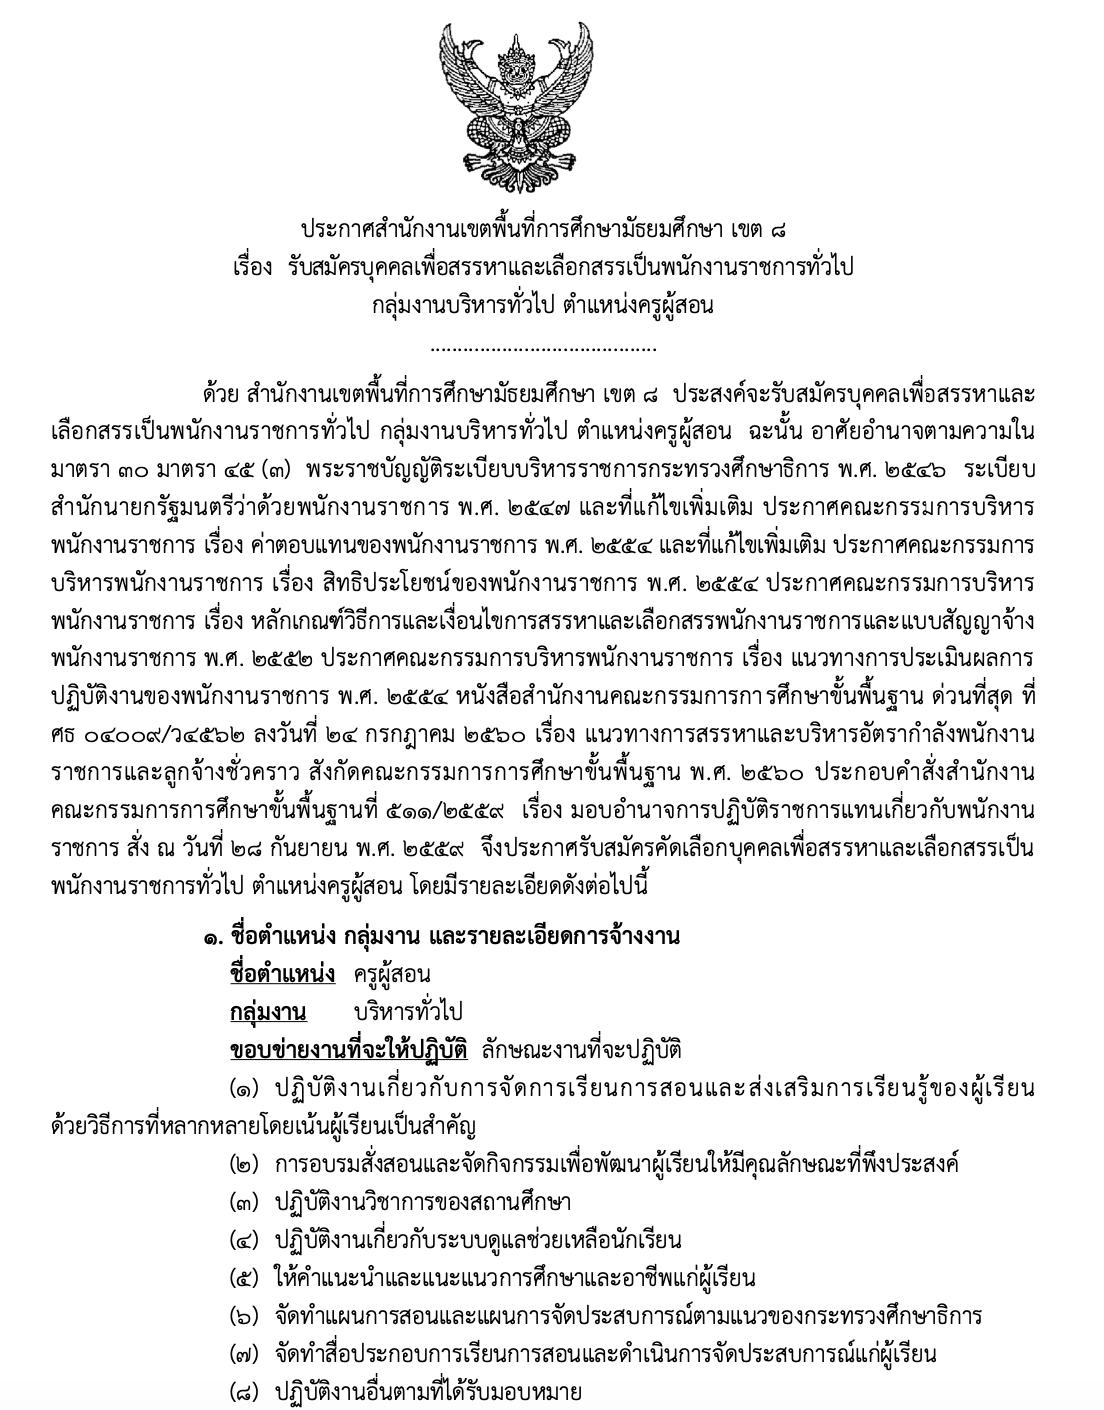 สพม.8 รับสมัครพนักงานราชการ 13 อัตรา สมัครทางอินเทอร์เน็ต 23 - 29 มิ.ย. 63